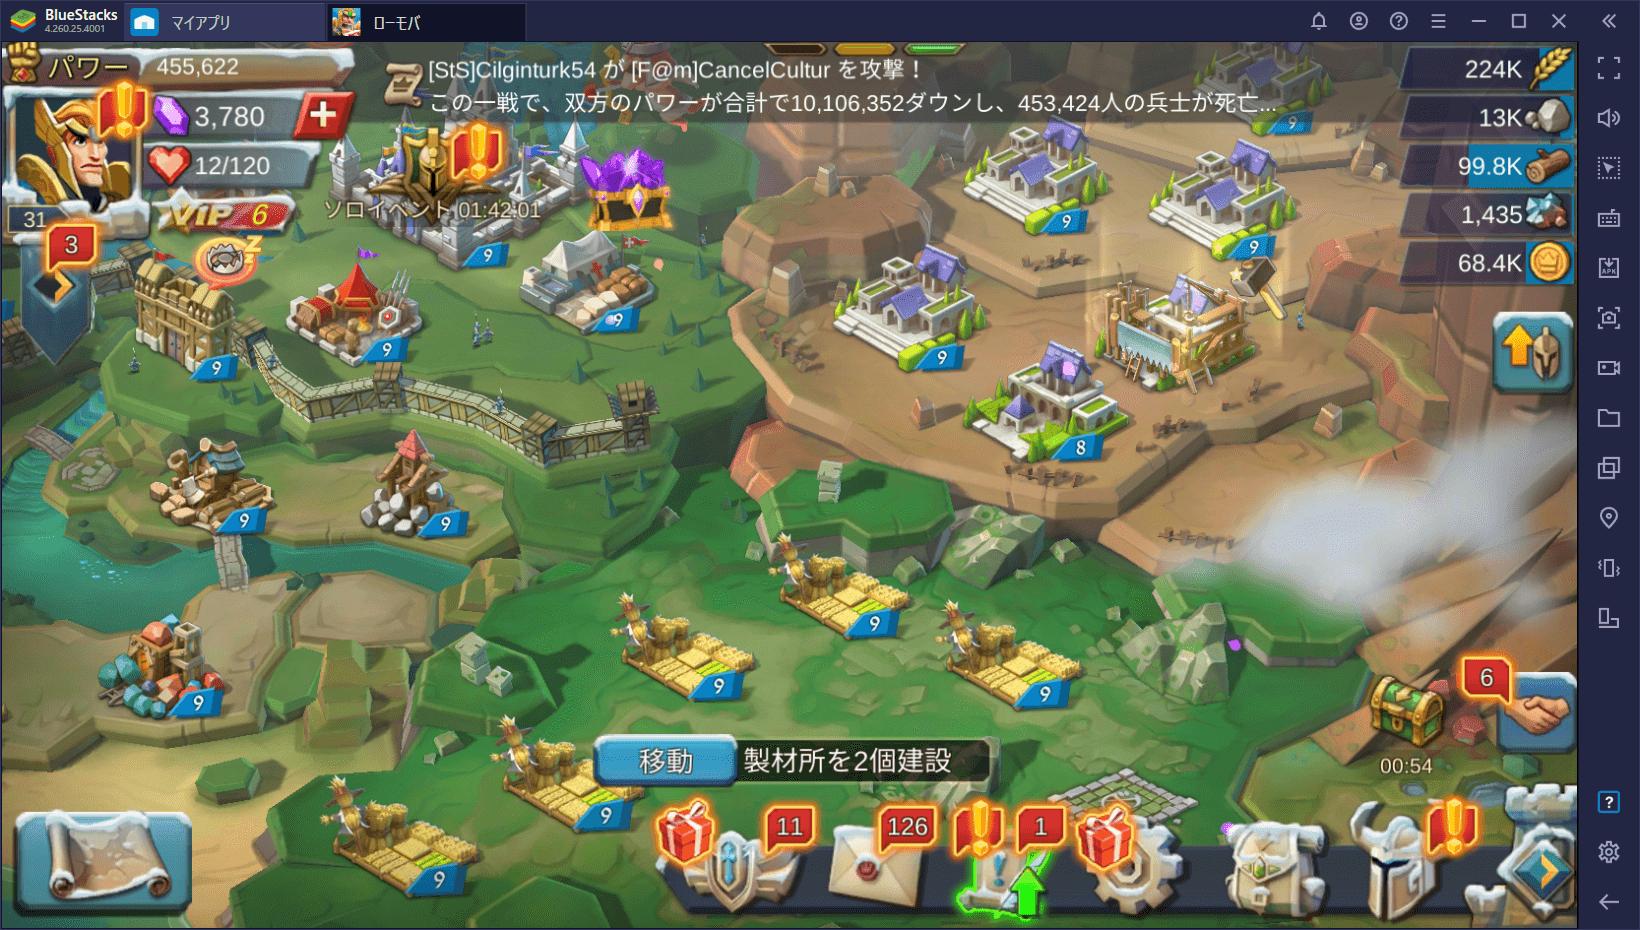 BlueStacks:『ロードモバイル』お城Lv10までに準備しておきたいこと